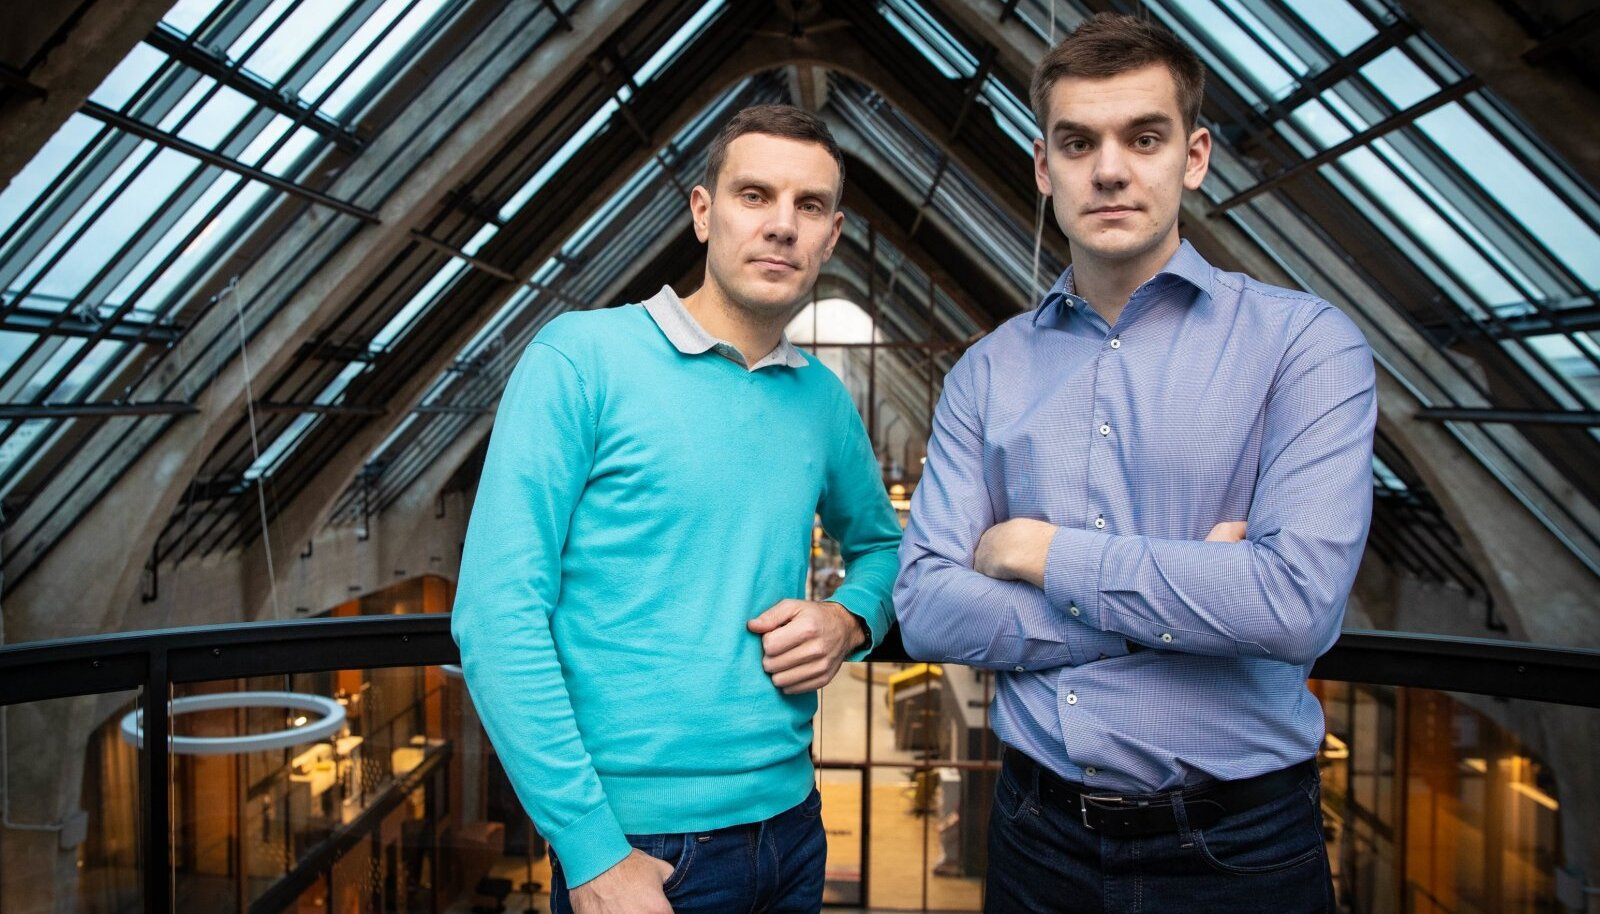 AVATUD RIIGI HEAKS: Bolti asutajad Markus Villig ja Martin Villig kuuluvad iduettevõtjate sekka, kes annetavad erakondadele märkimisväärseid summasid.